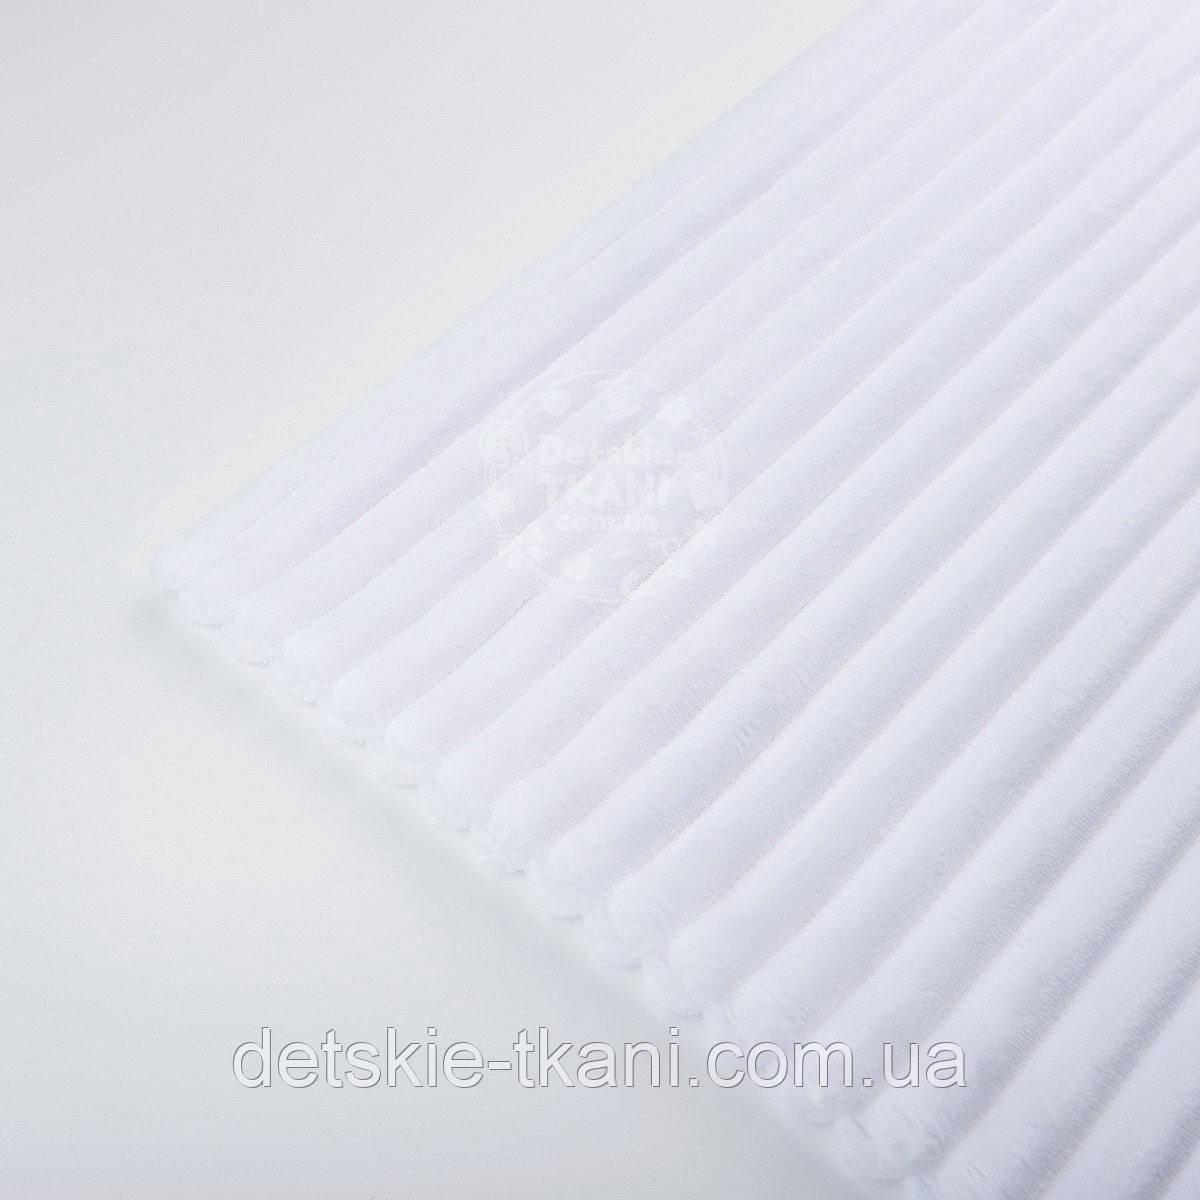 Лоскут плюша в полоску Stripes, цвет белый, размер 95*160 см (есть загрязнение)